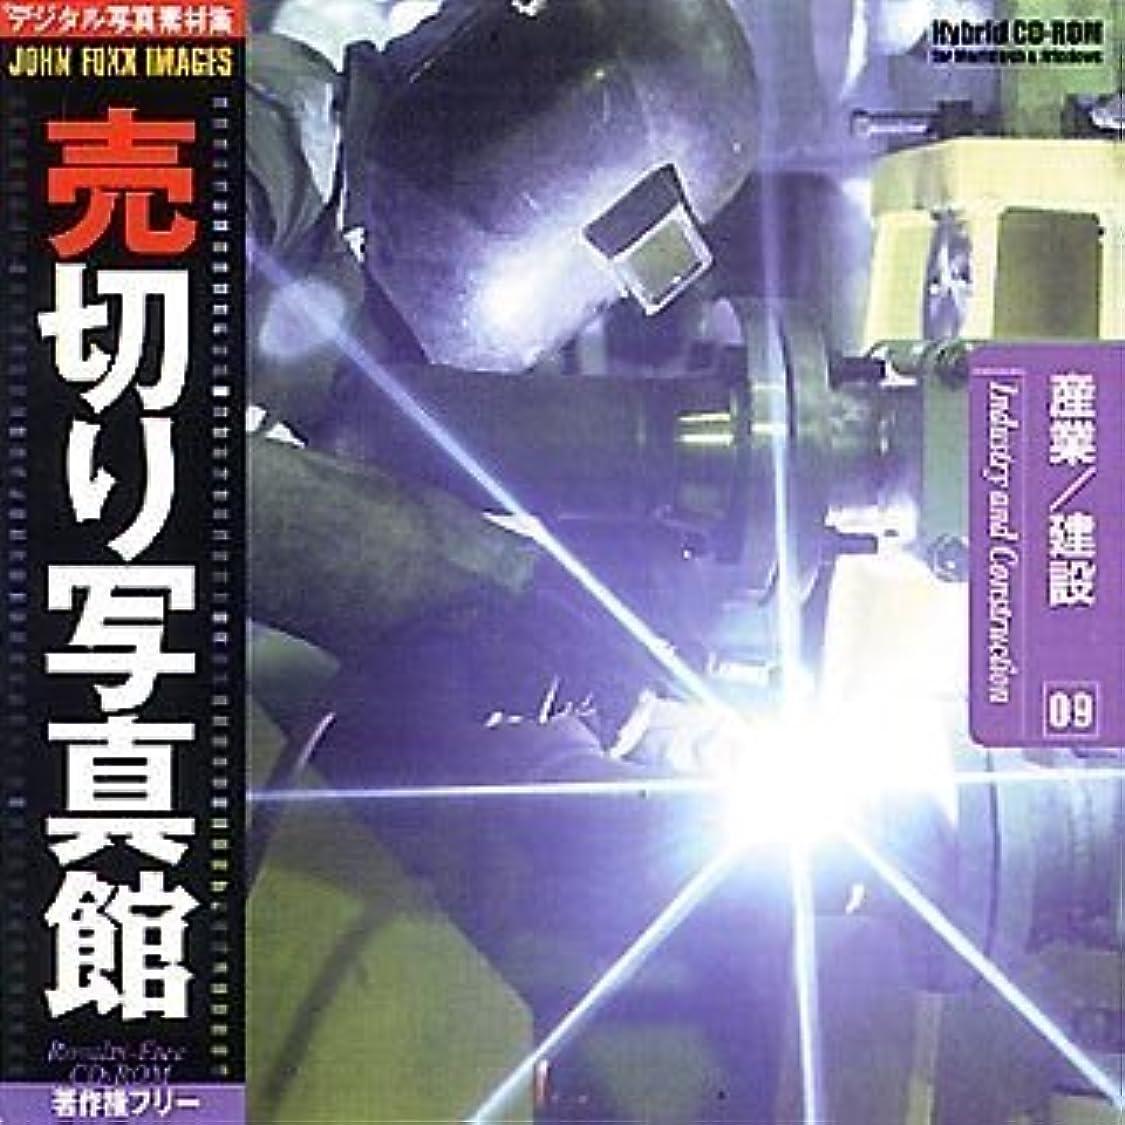 コレクションビタミンラメ売切り写真館 JFIシリーズ 9 産業/建設